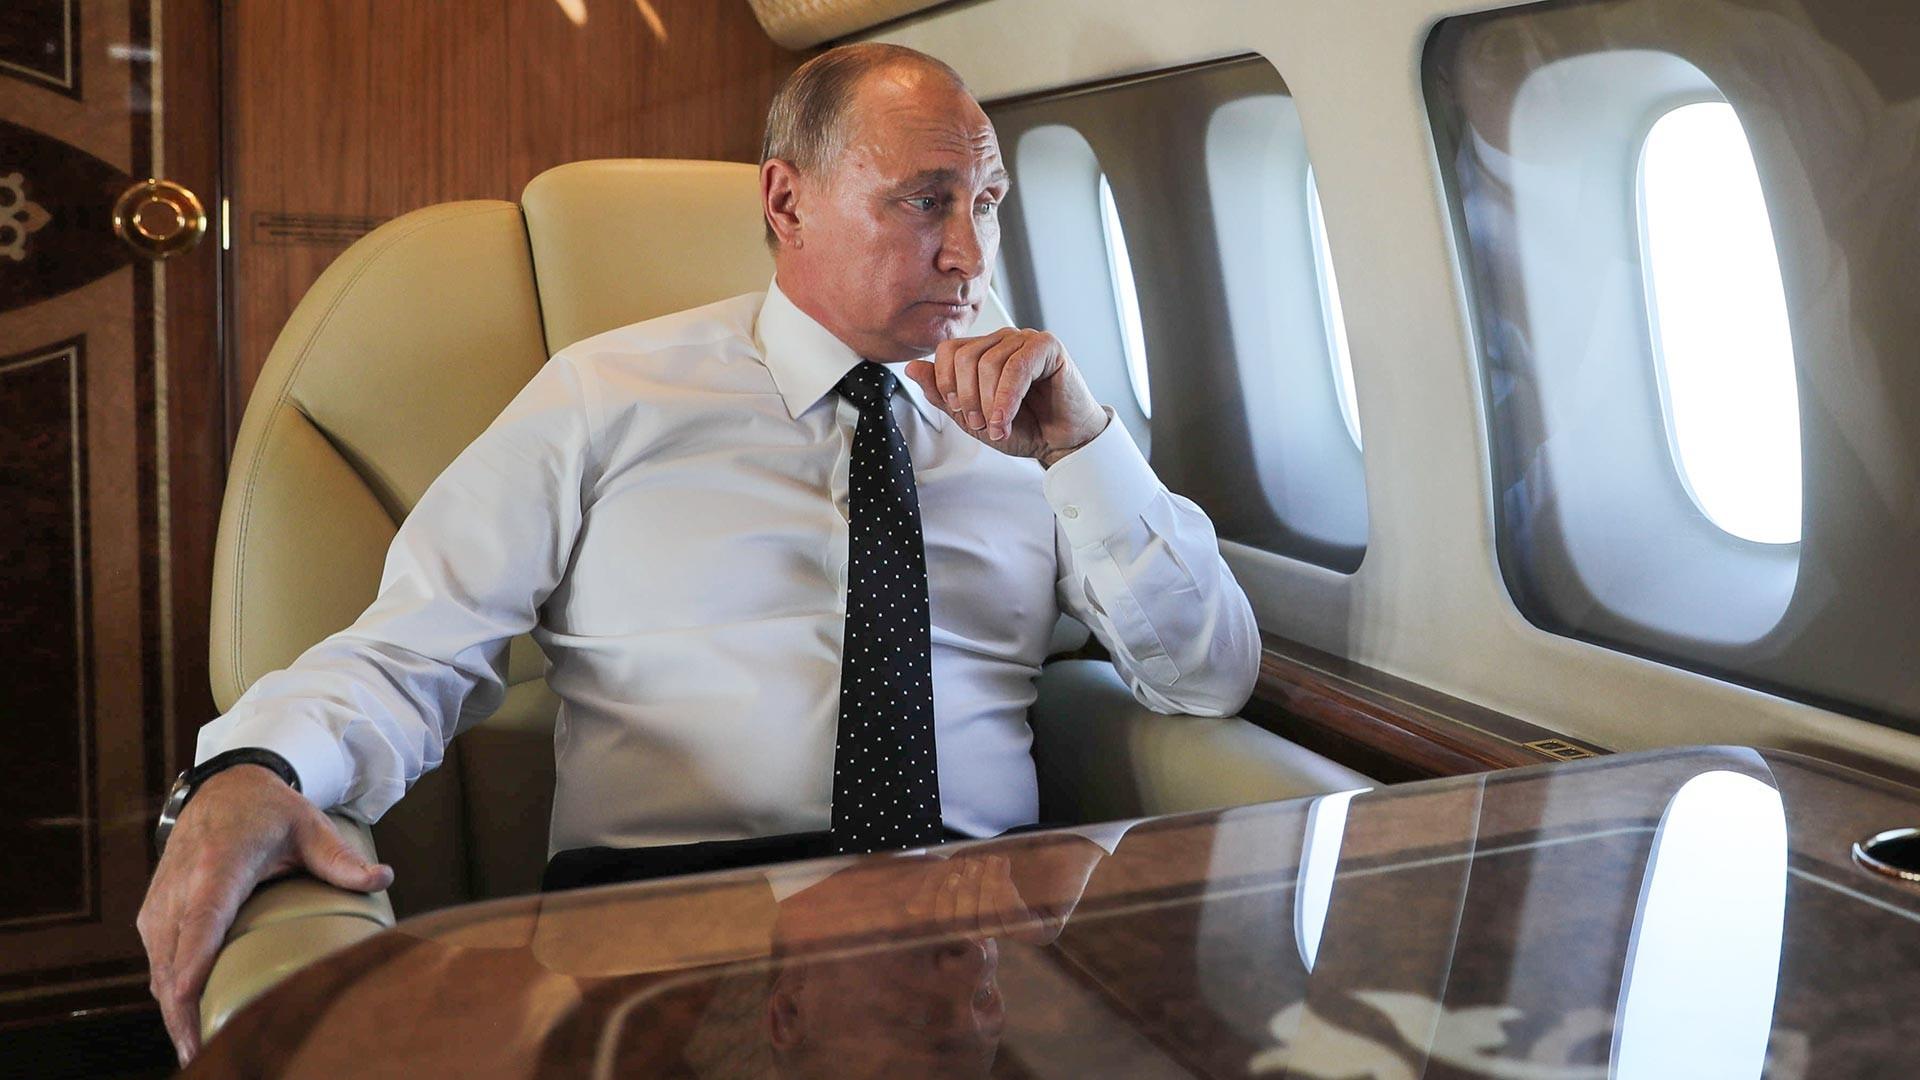 Vladimir Poutine à bord de son avion lors d'un vol vers la base aérienne de Hmeimim située en Syrie